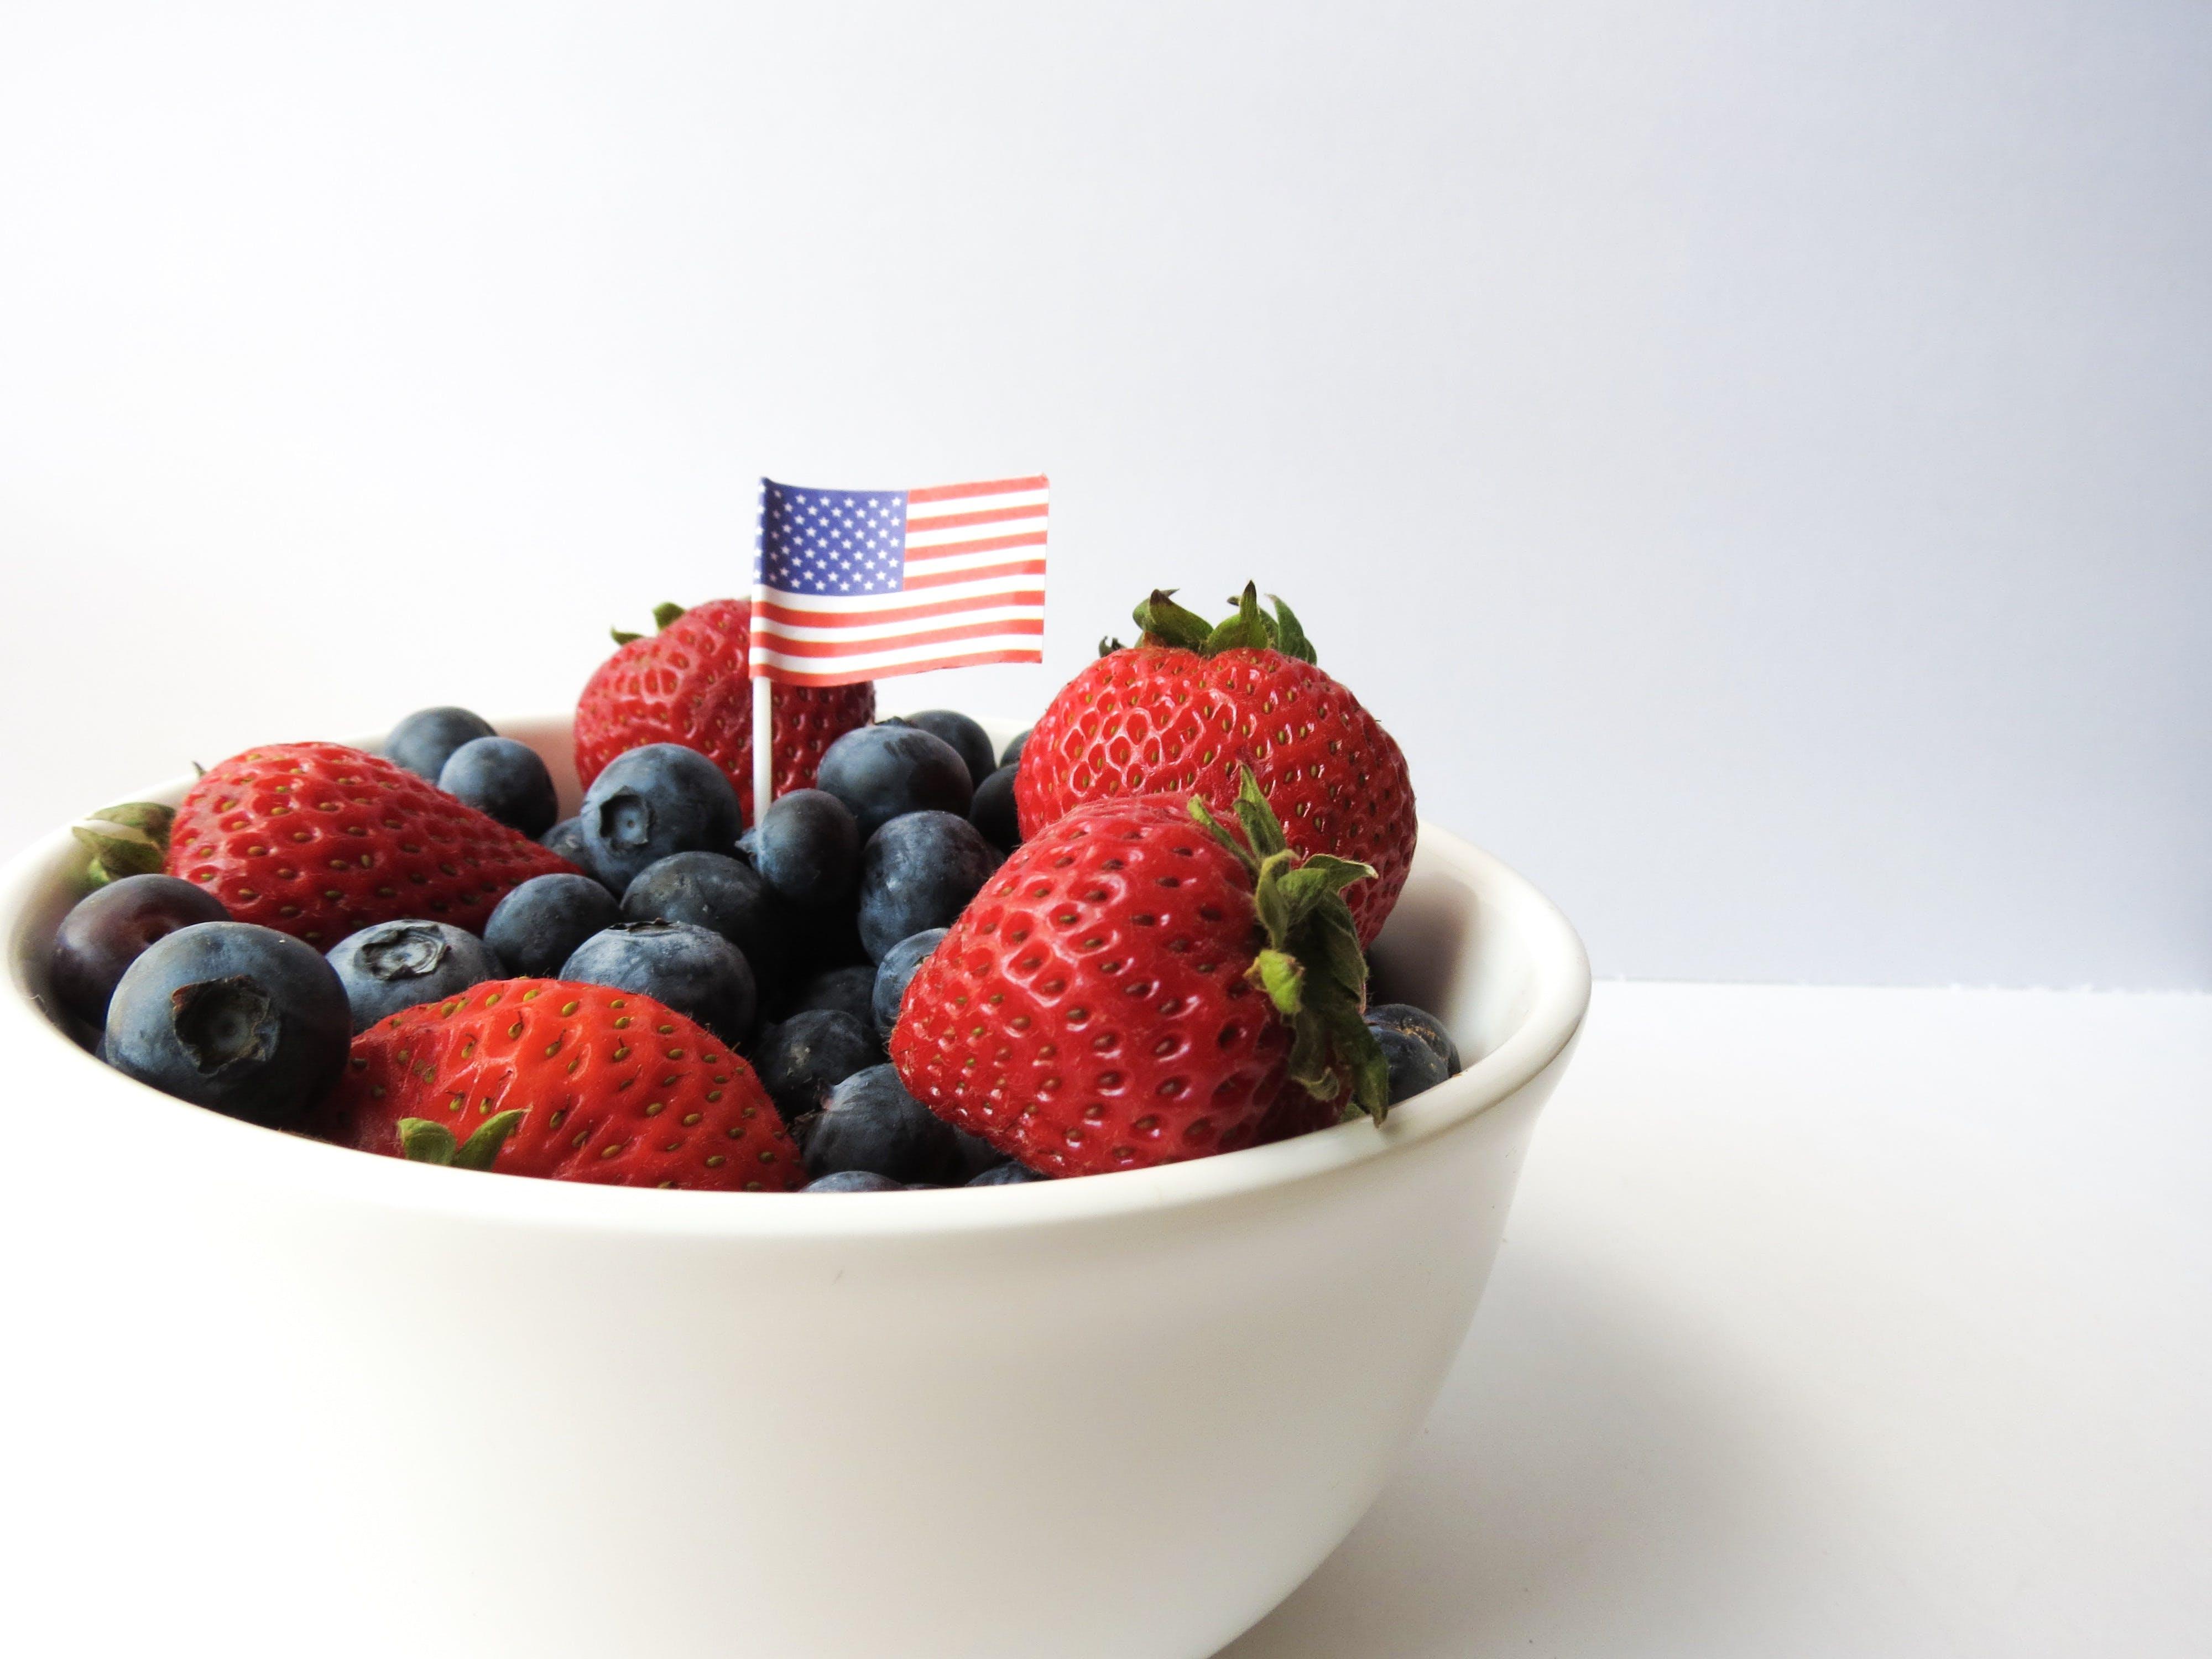 amerikanische flagge, beeren, erdbeeren